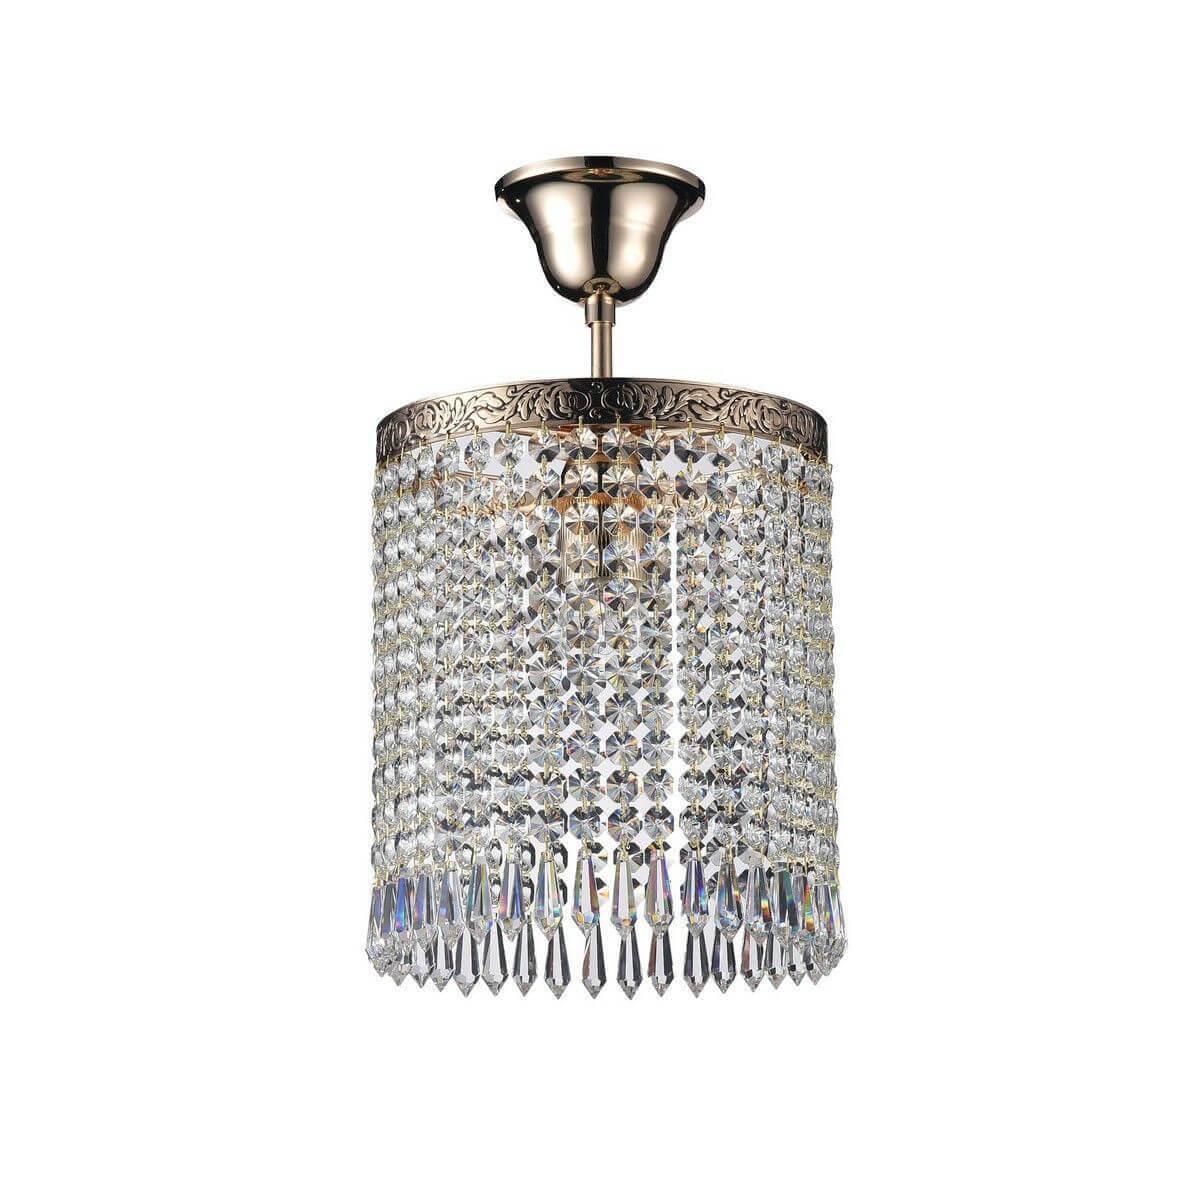 Потолочный светильник Maytoni Sfera DIA784-CL-01-G цена